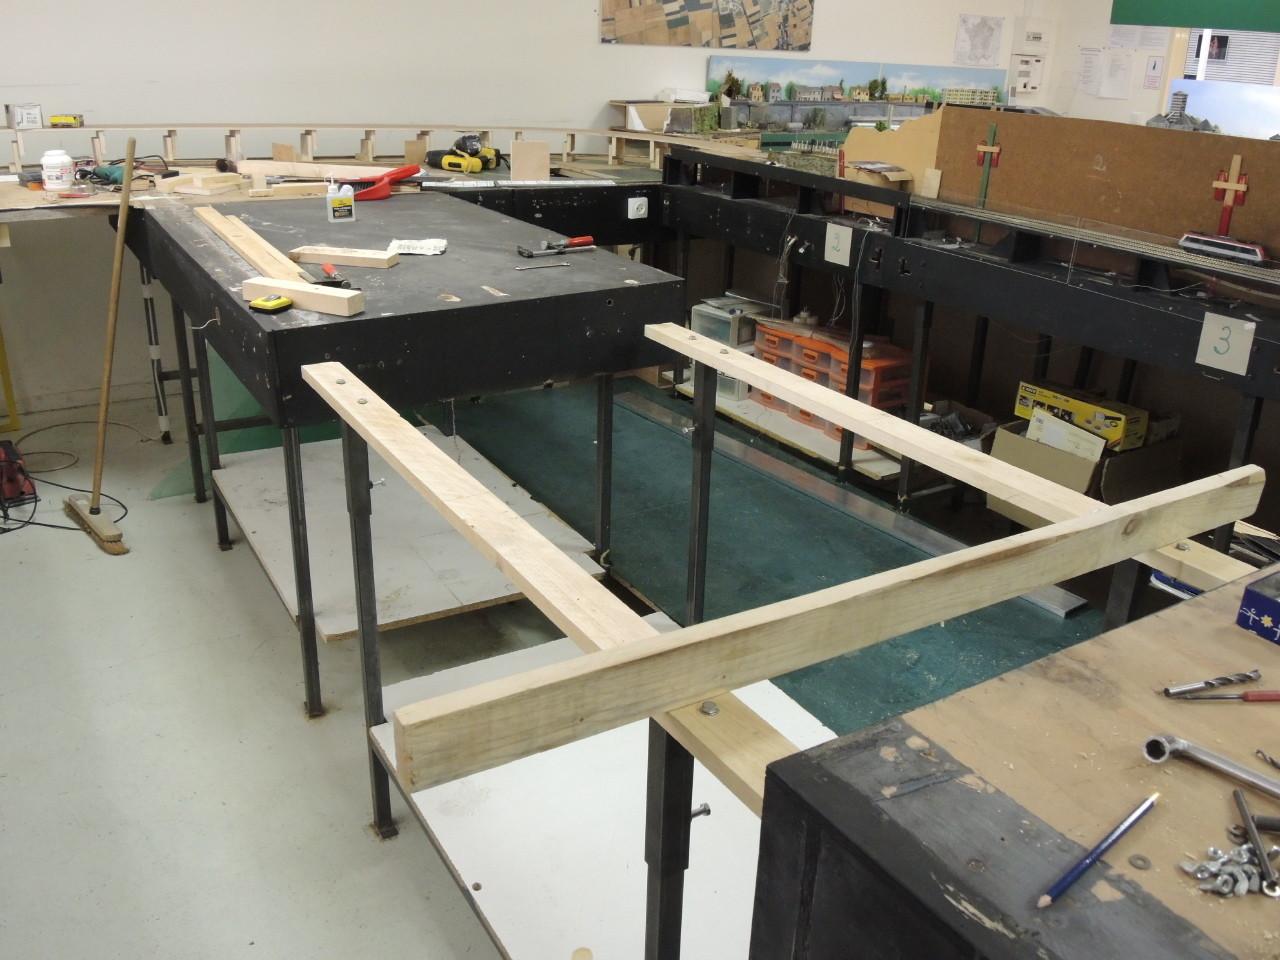 Sur ces longerons viendront se poser les modules équipés de tasseaux transversaux. Le bas du pietement est solidifié à l'aide de boulons pour plus de rigidité.